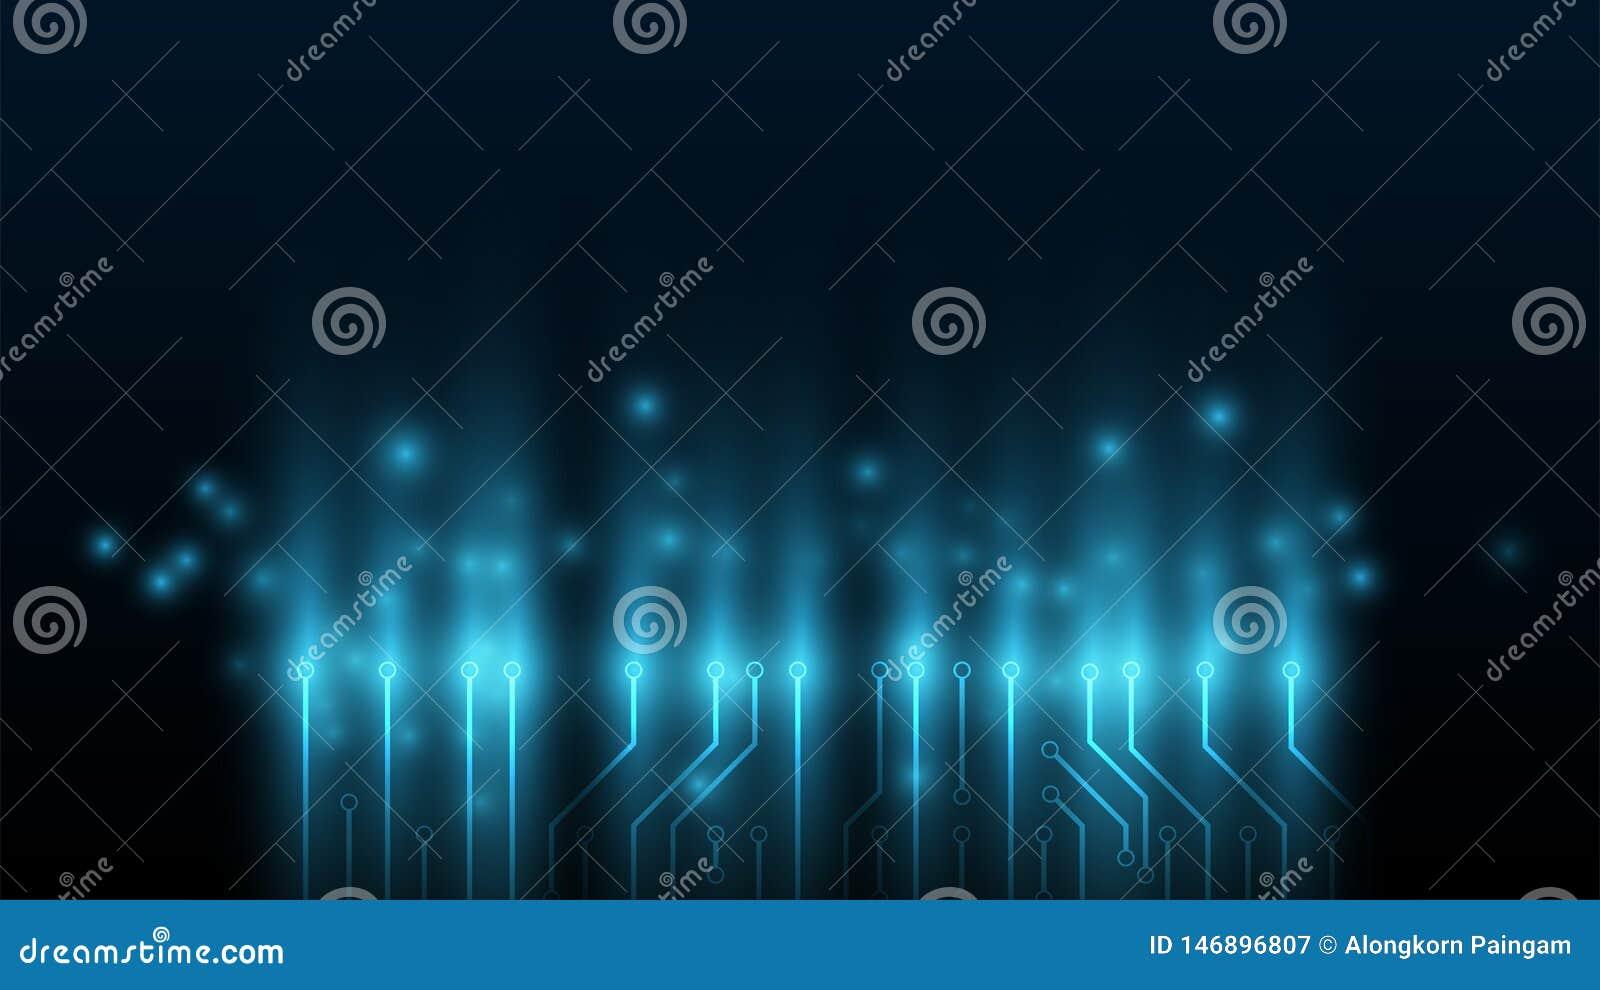 το υπόβαθρο τεχνολογίας κυκλωμάτων, υπόβαθρο επεξεργαστών υψηλής τεχνολογίας, υπόβαθρο για τις πληροφορίες τεχνολογίας, ταχύτητα